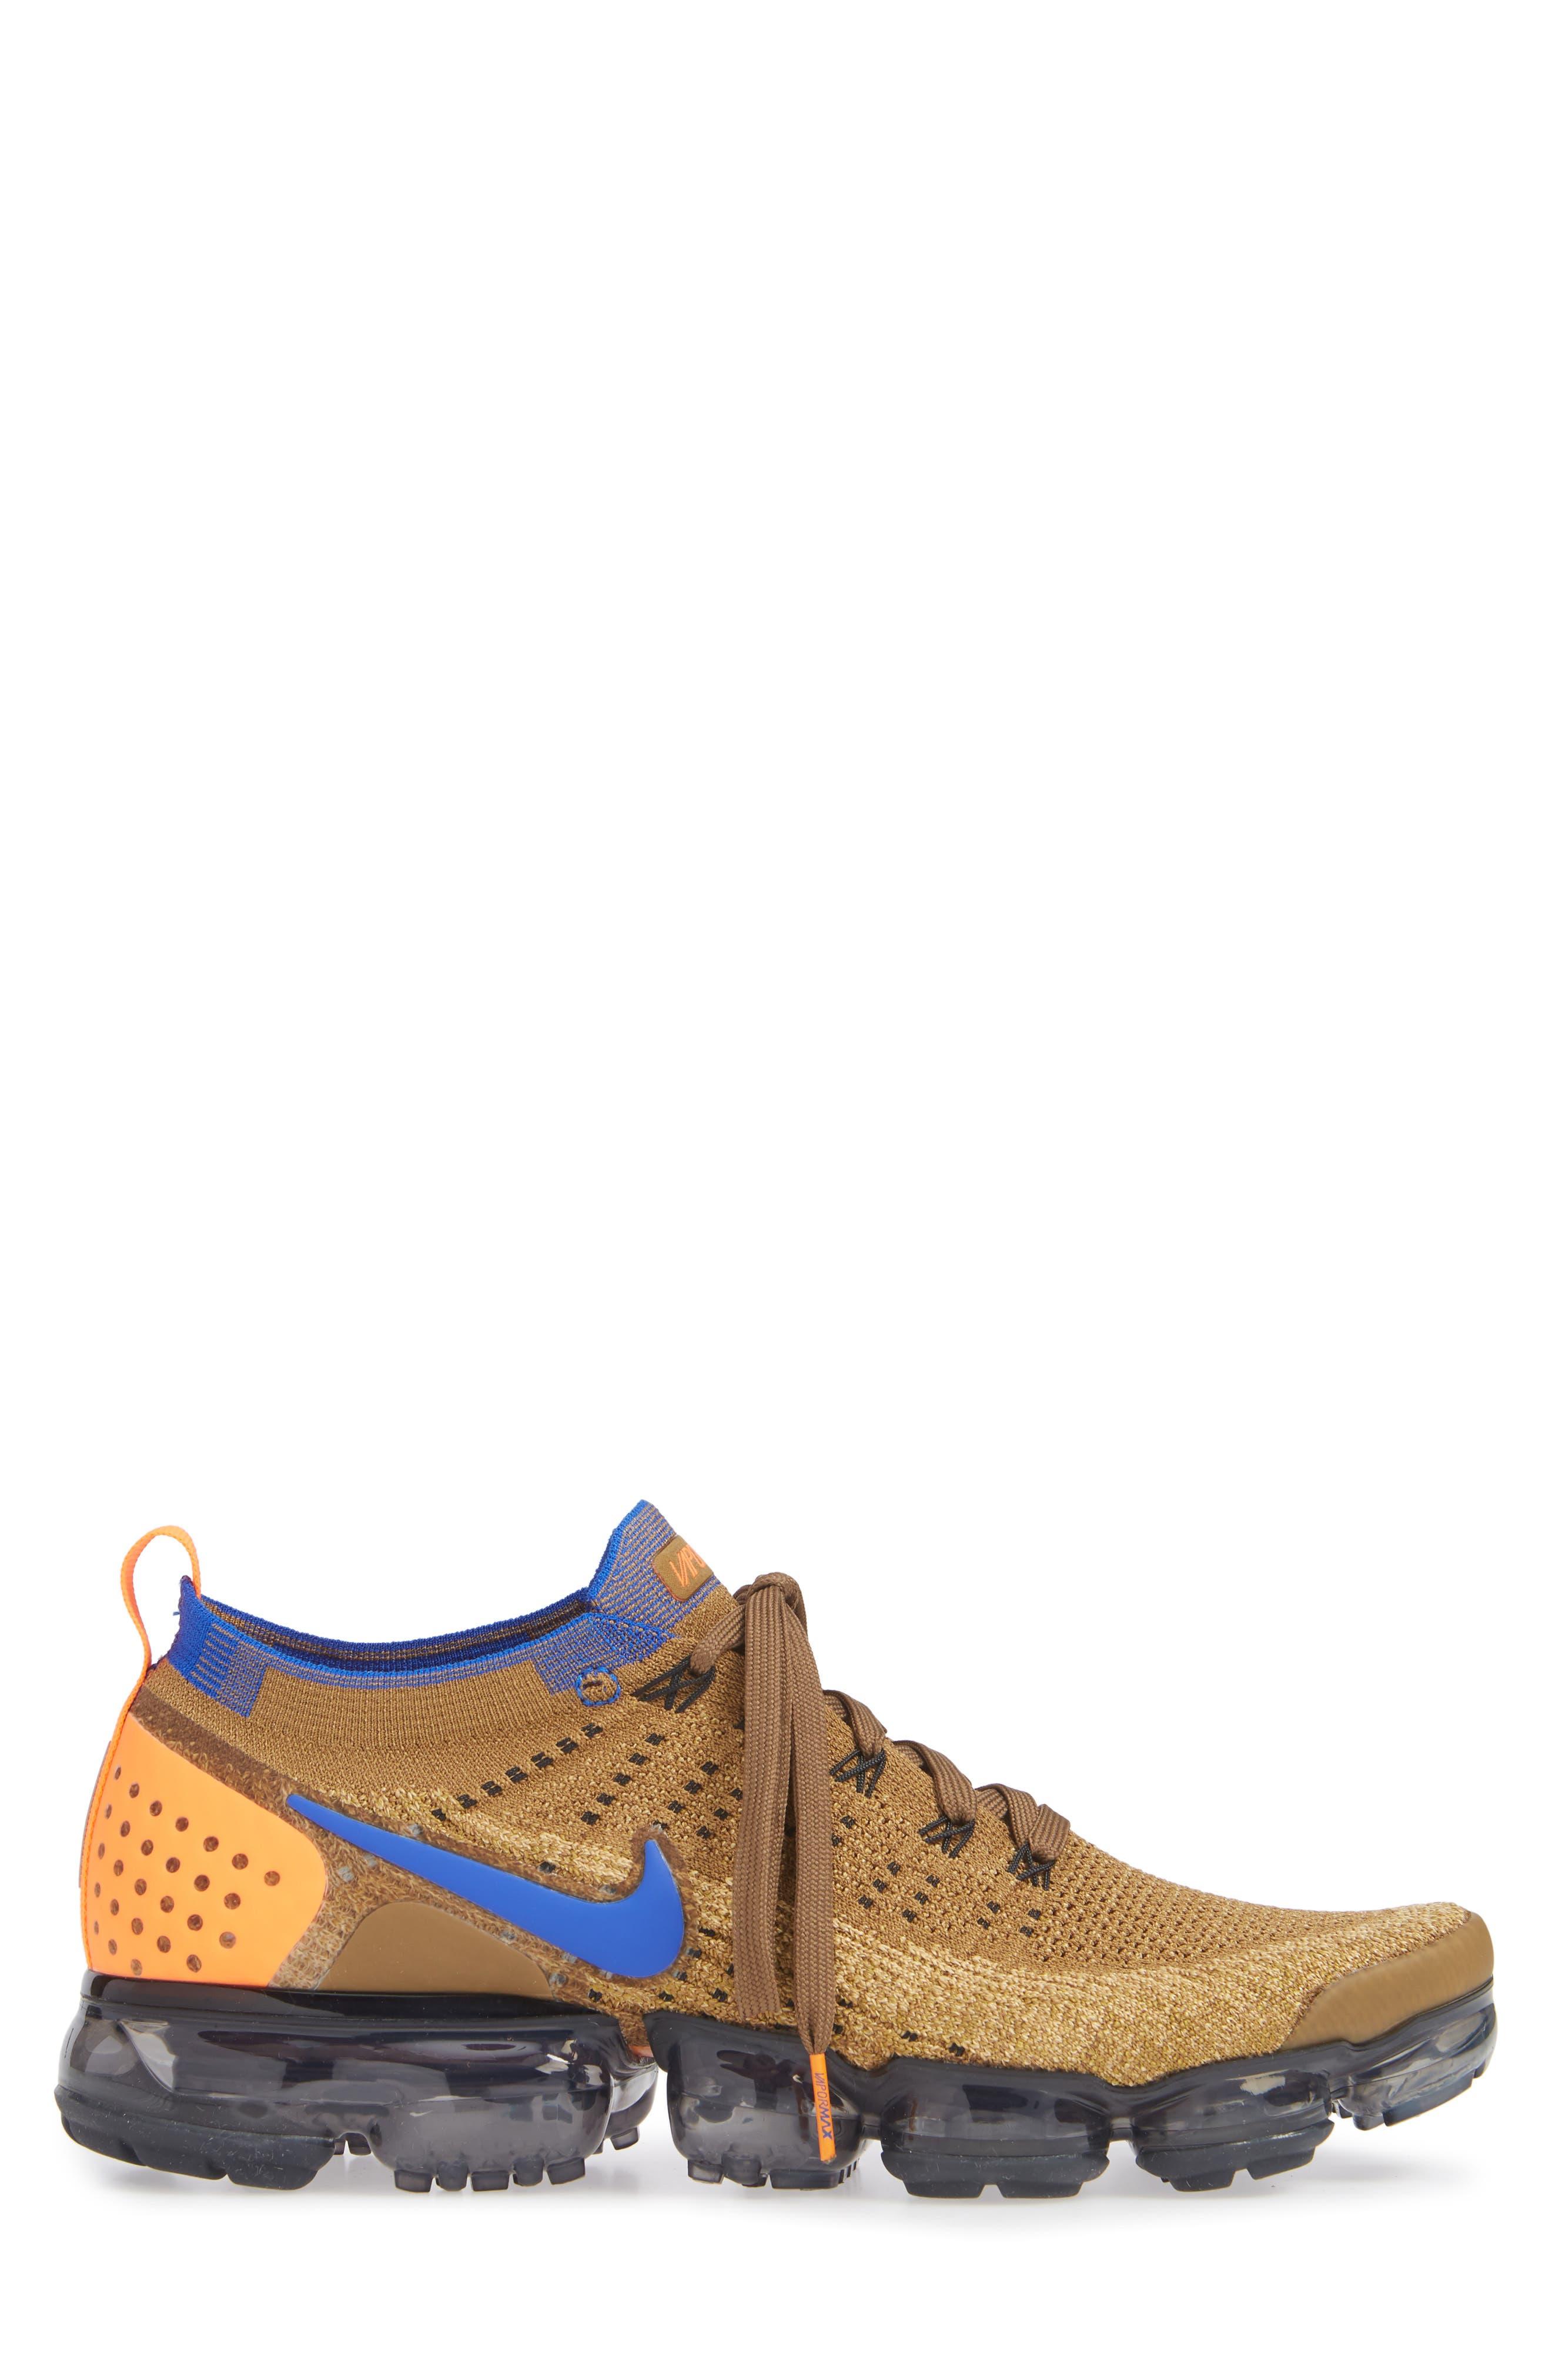 Air Vapormax Flyknit 2 Running Shoe,                             Alternate thumbnail 3, color,                             GOLDEN BEIGE/ RACER BLUE/ GOLD